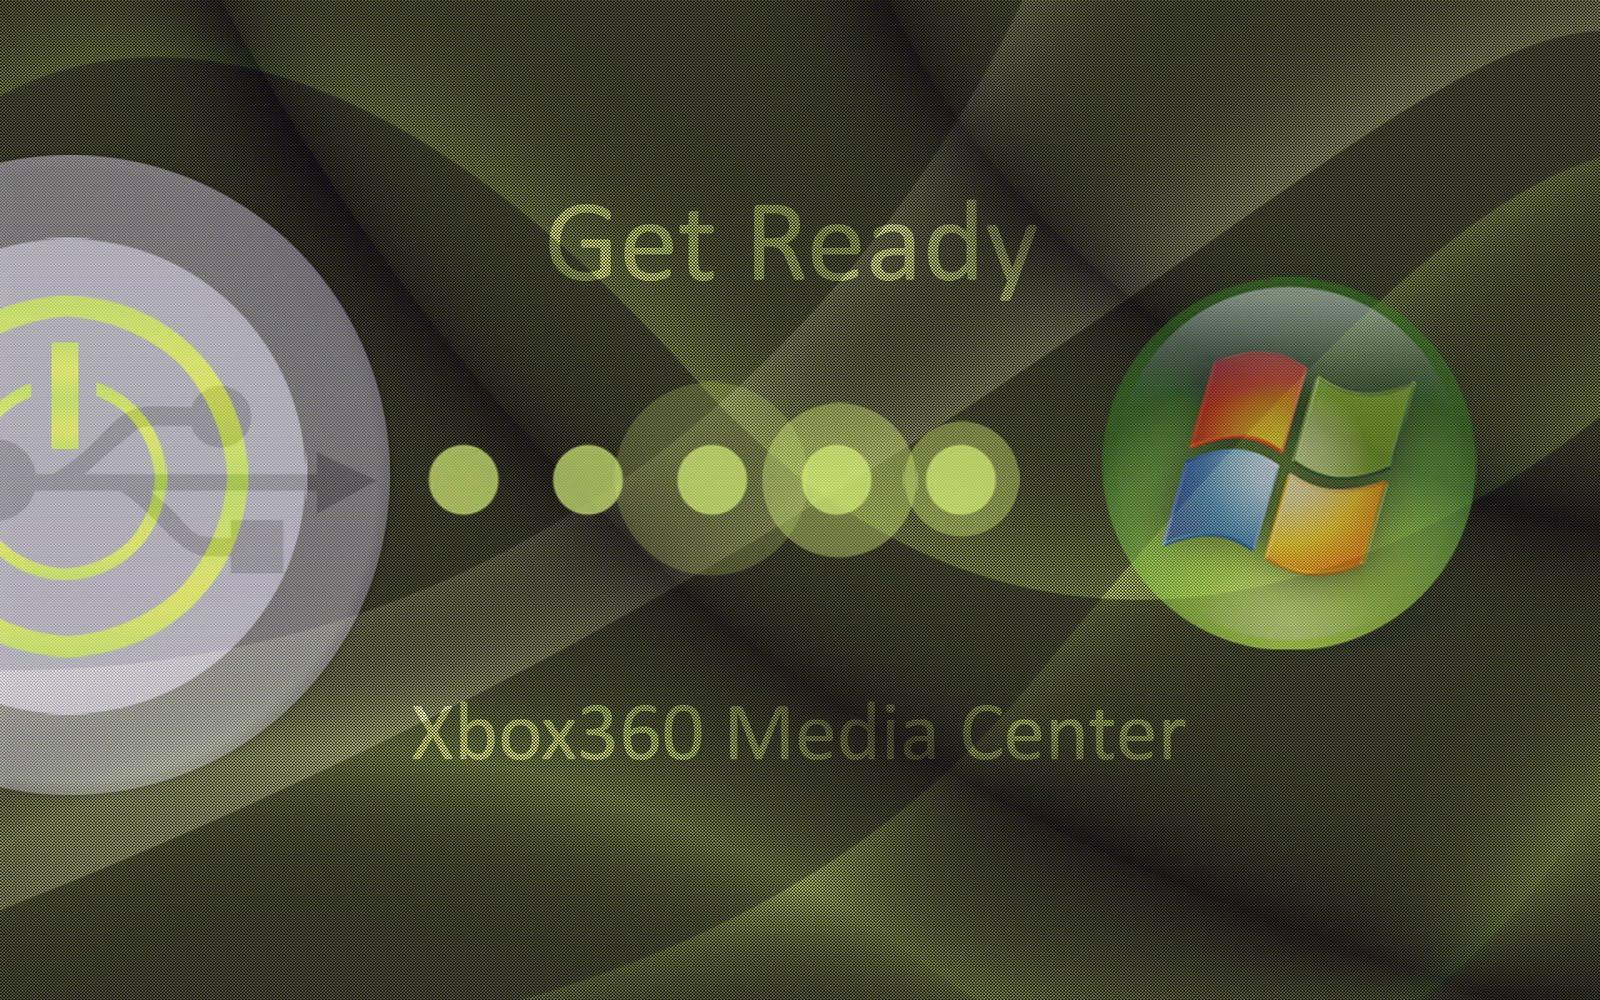 http://4.bp.blogspot.com/-J6okYdkbFVQ/TfcKOunQbRI/AAAAAAAABC4/GhusVRwh_18/s1600/Vista+Wallpaper+%252873%2529.jpg